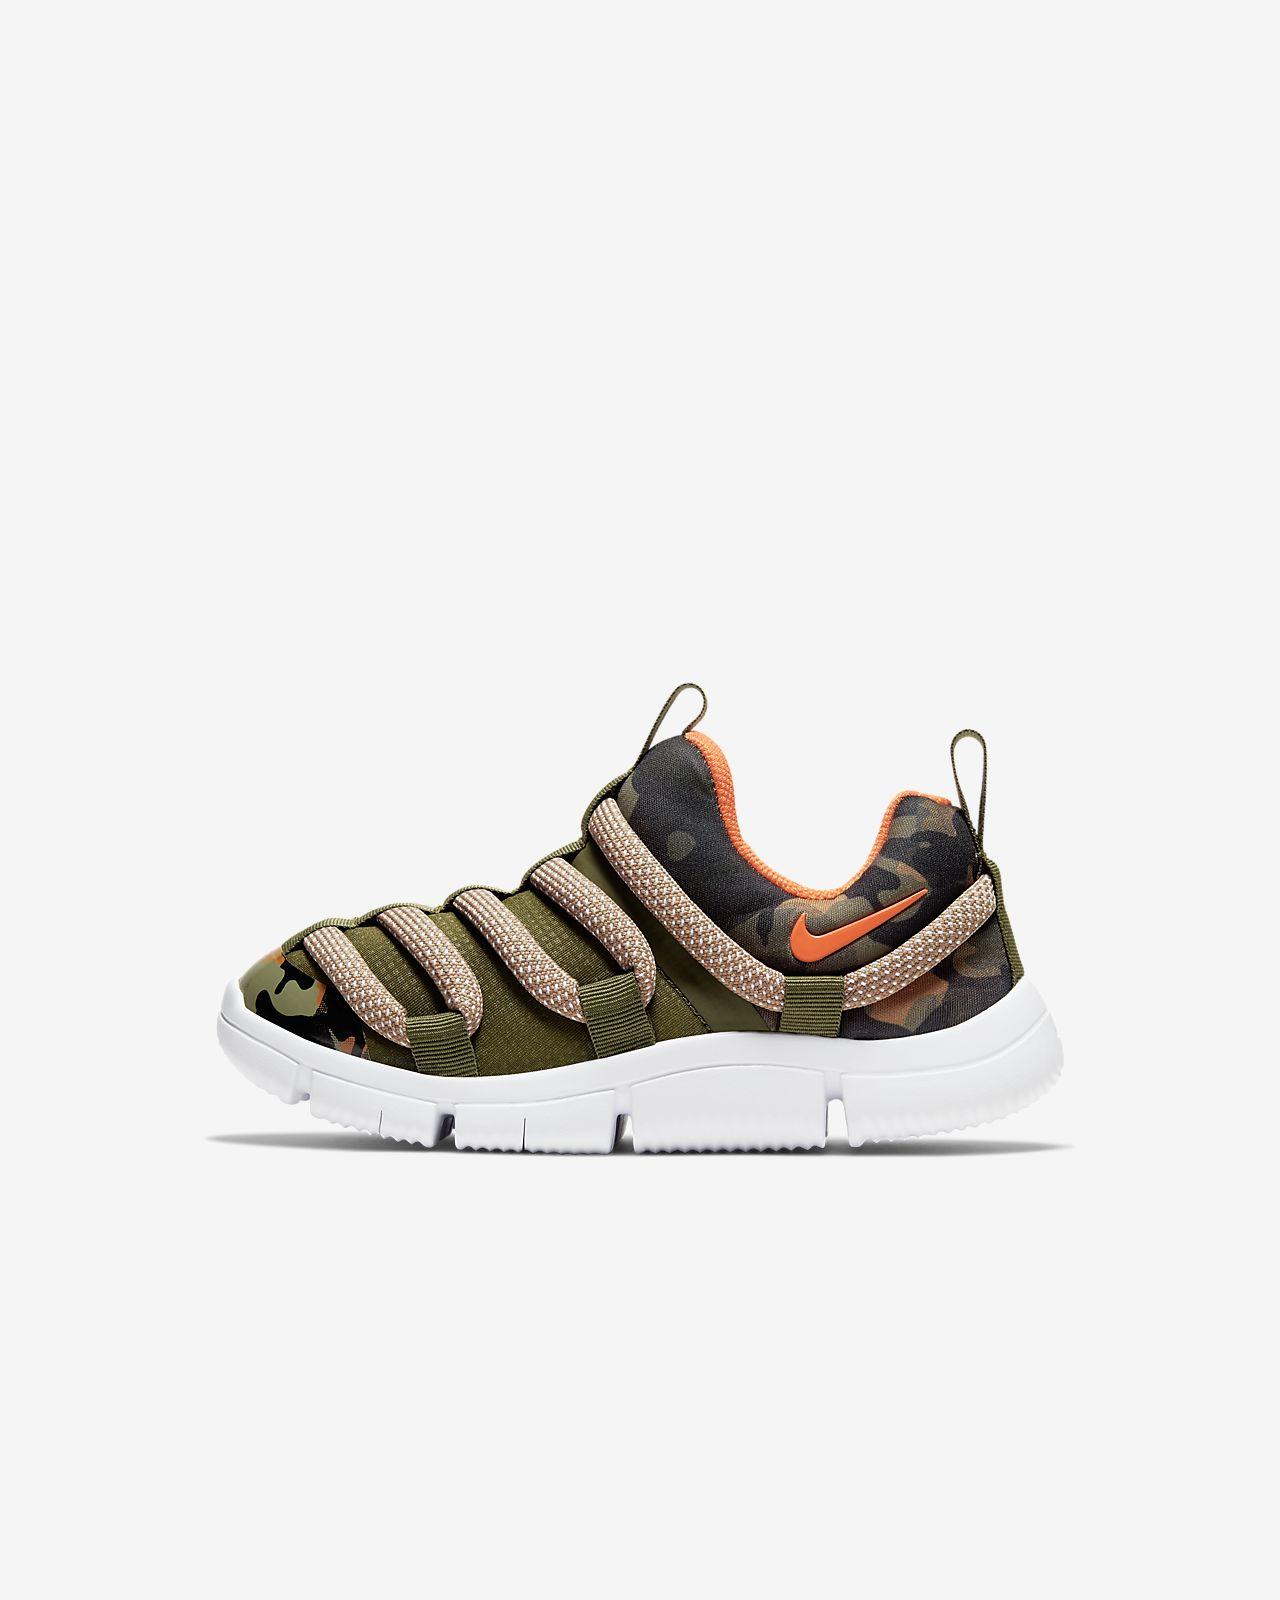 Nike Novice PS 幼童运动童鞋